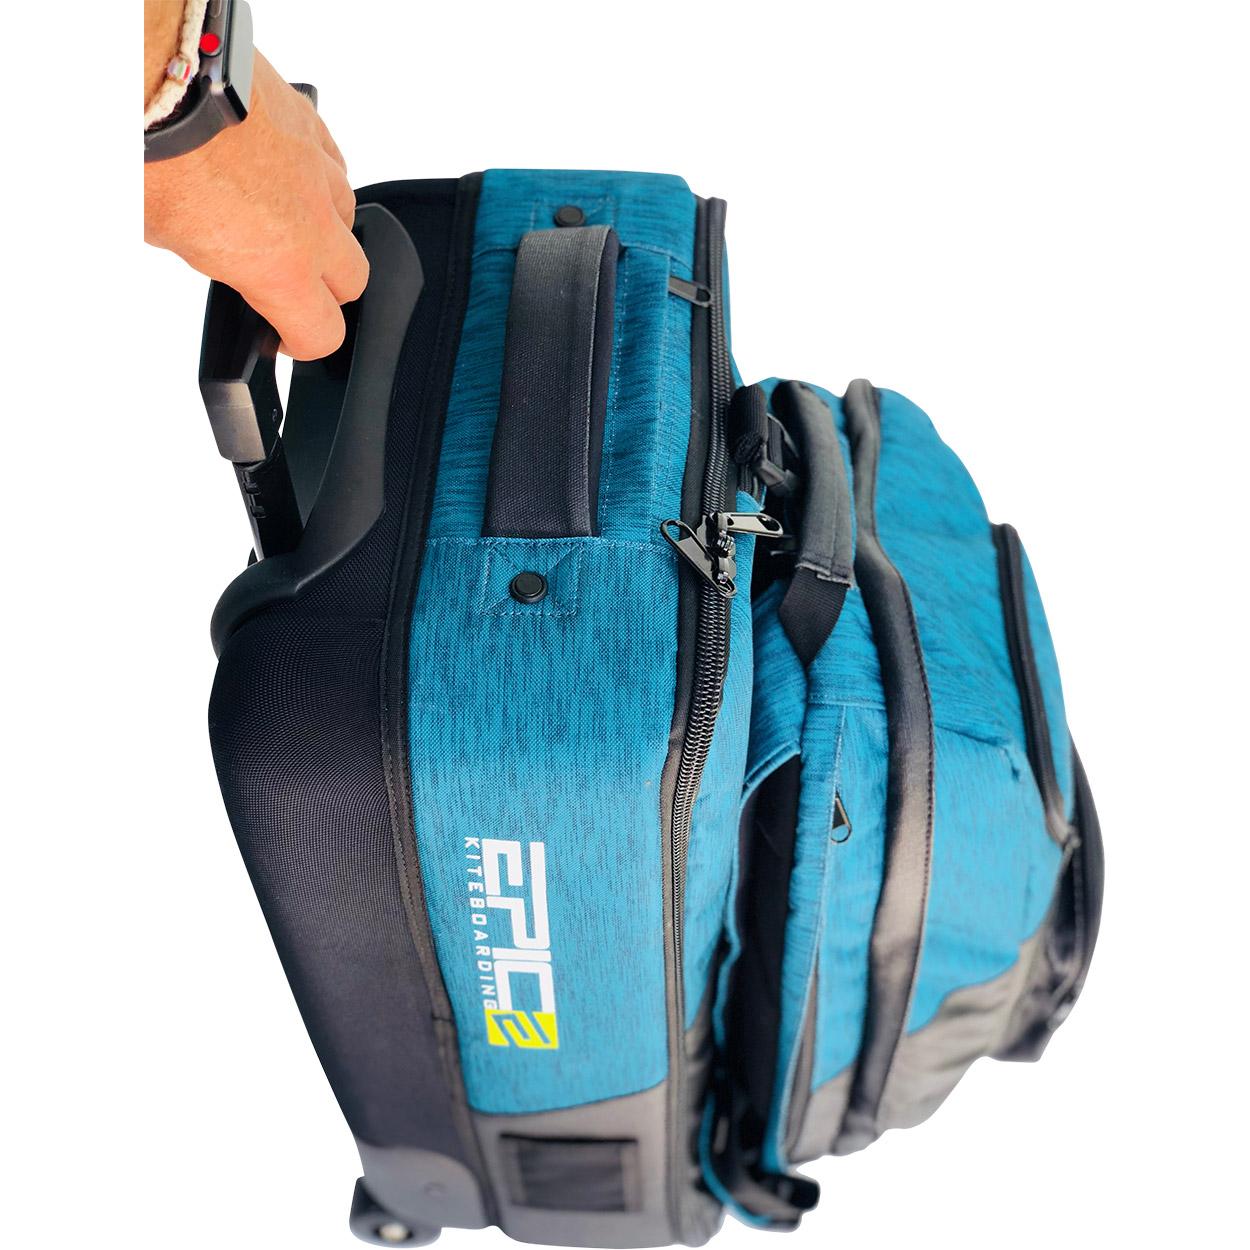 Epic Kites Kiteboarding Travel Bags The Traveler Bag